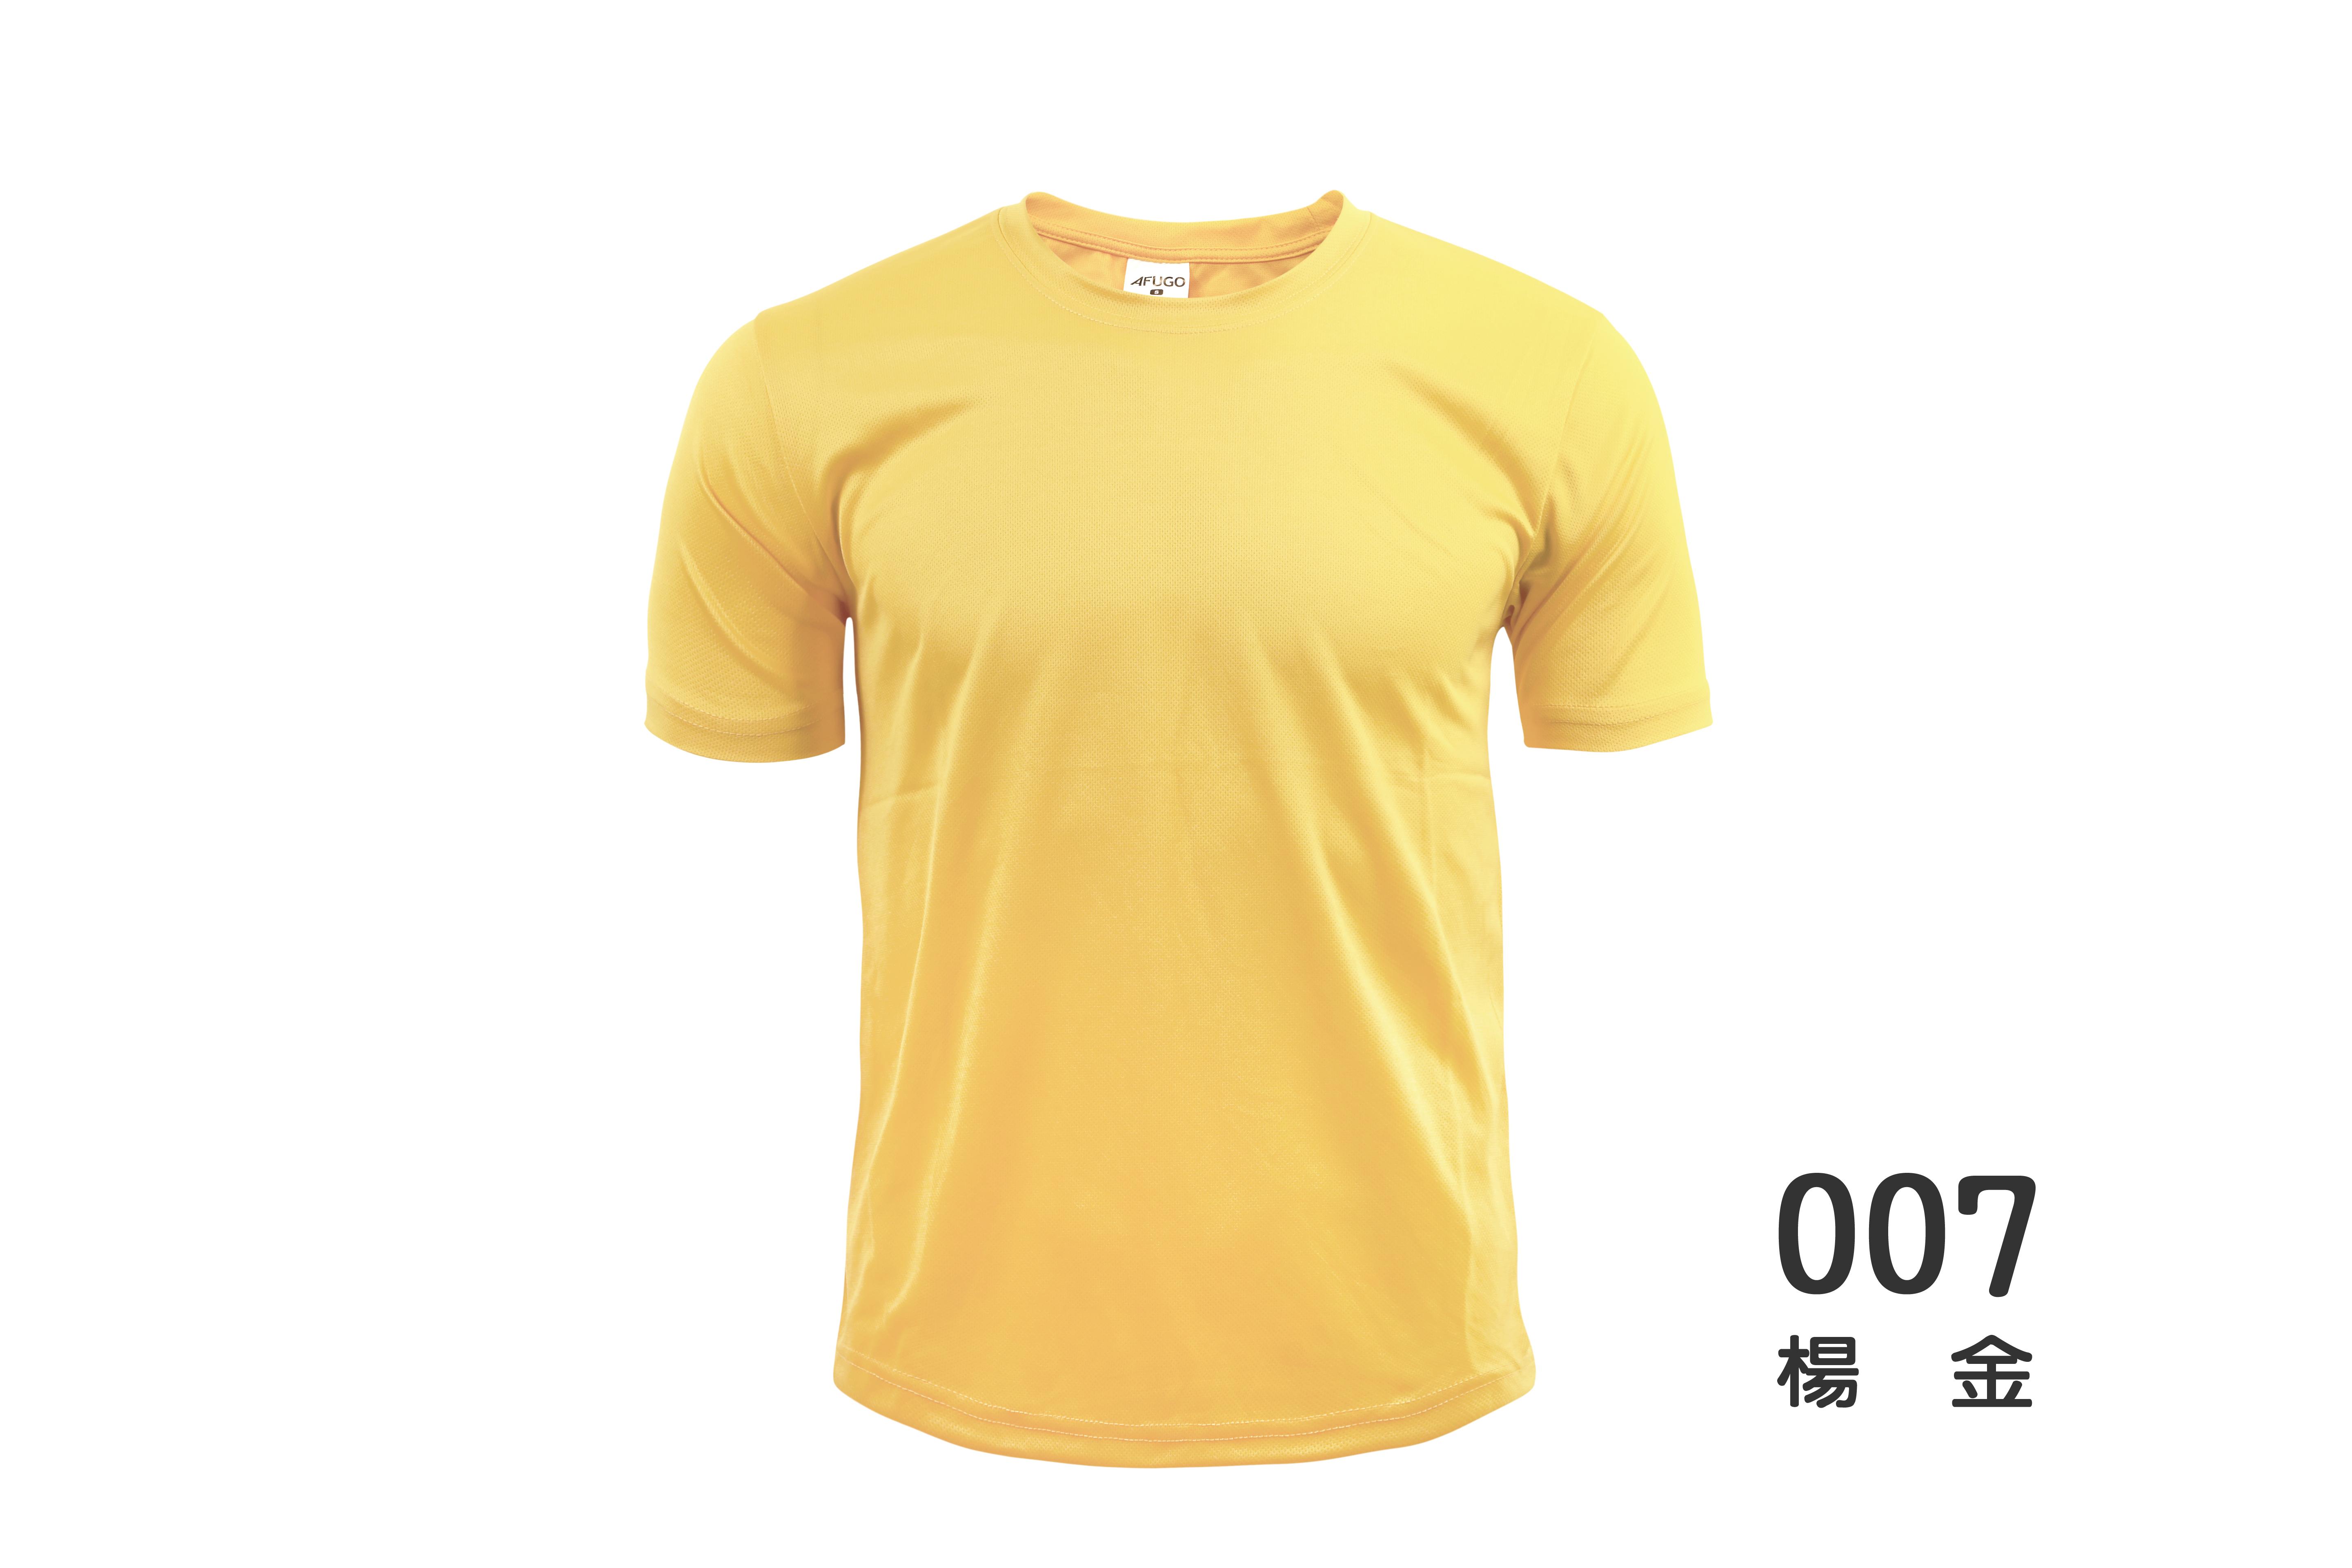 007楊金-1-01